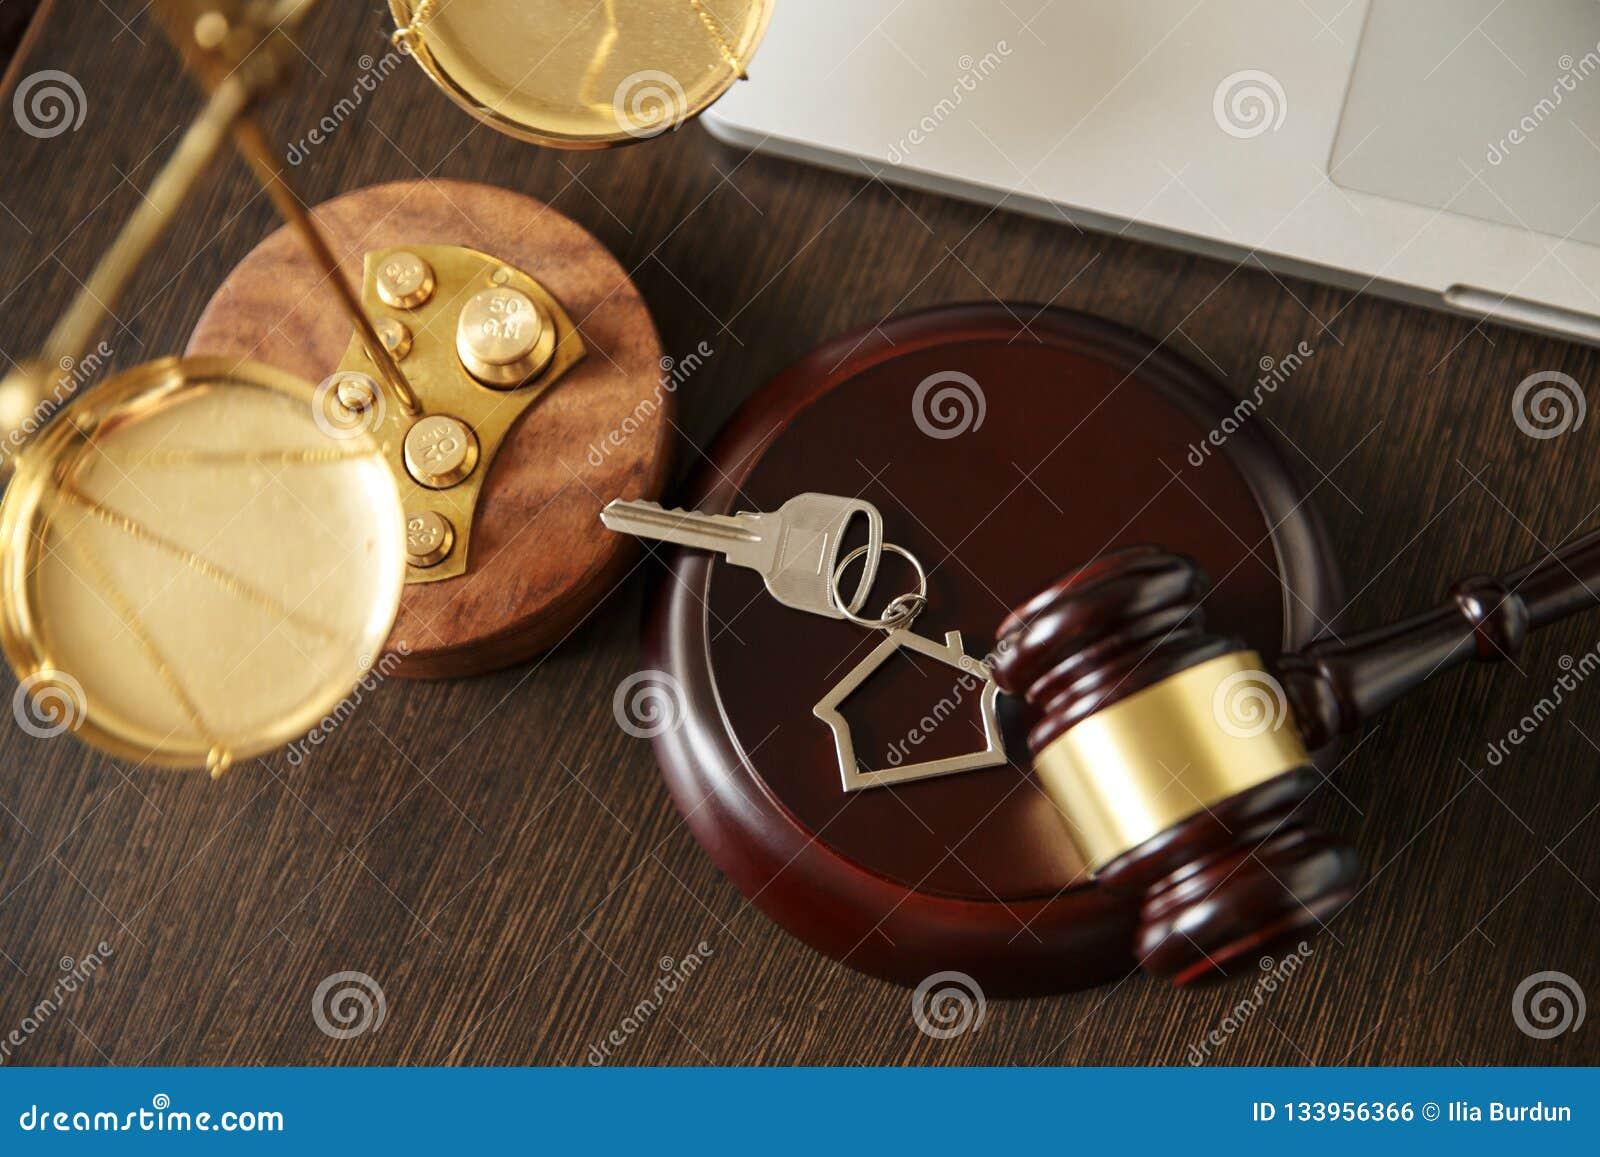 Νόμος και δικαιοσύνη, έννοια νομιμότητας, βιβλιοθήκη νόμου, Gavel δικαστών andold εκλεκτής ποιότητας κλειδί στο Μαύρο ξύλινο